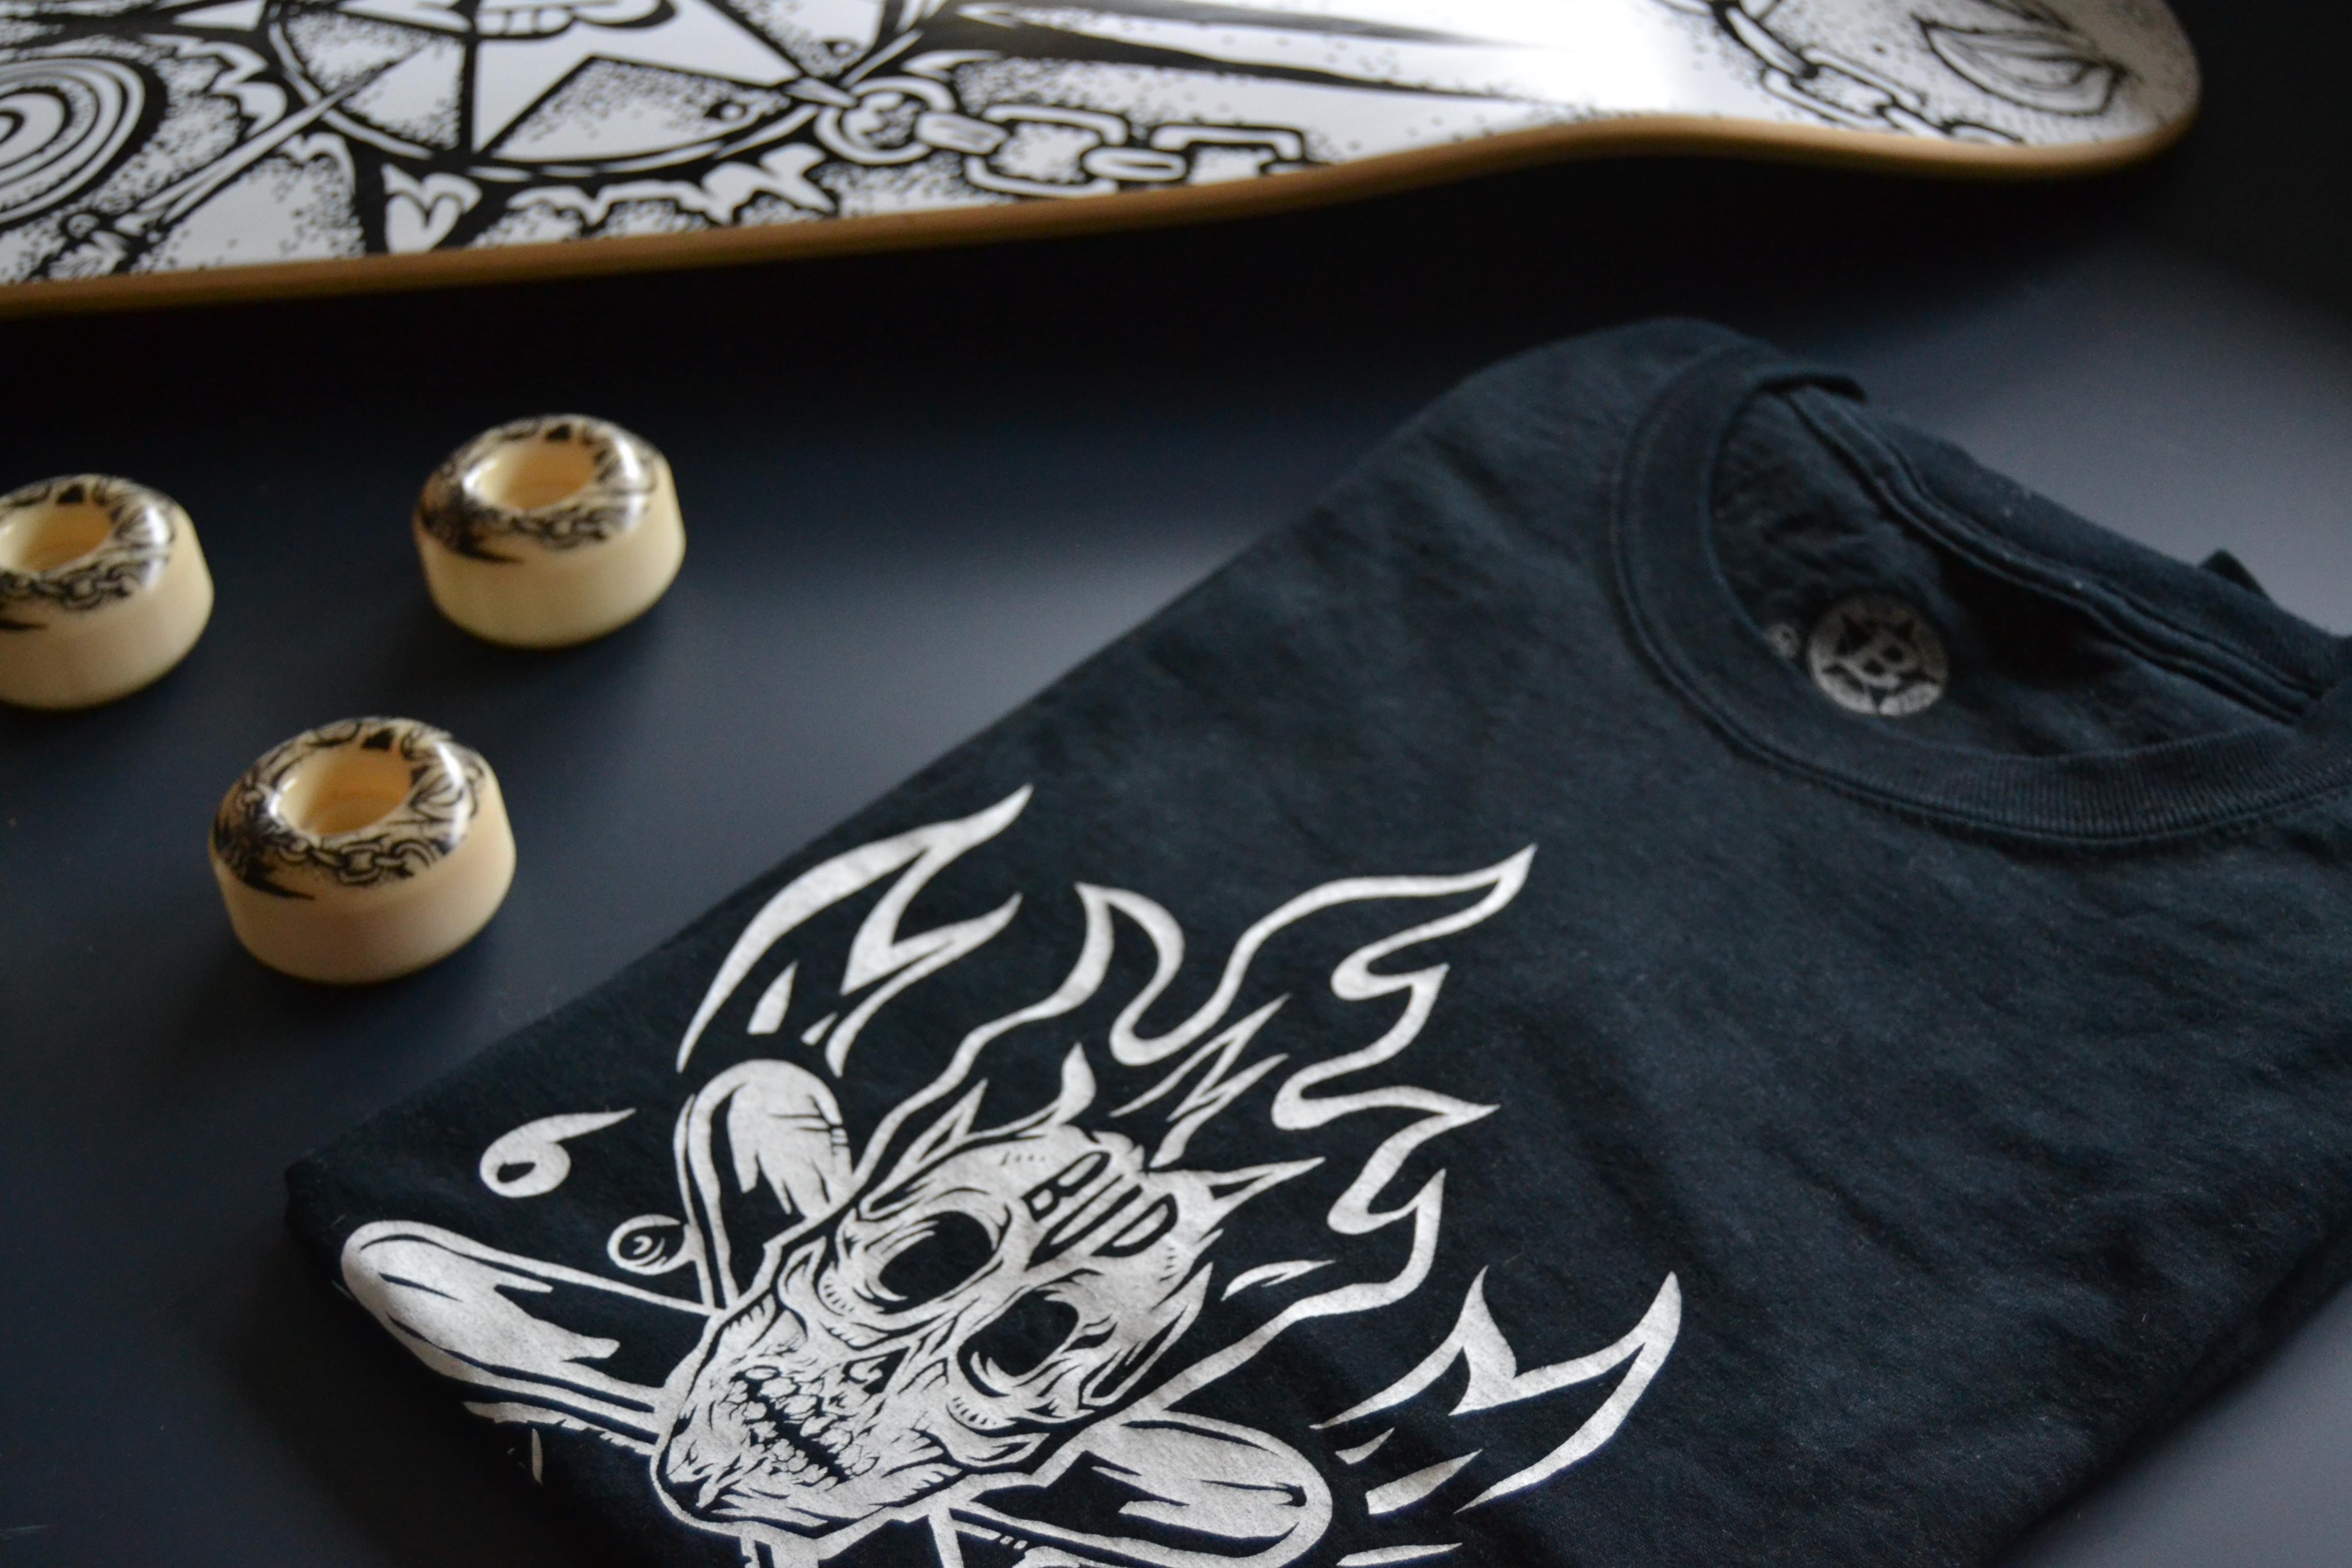 t-shirt par back bones pour bud skateshop